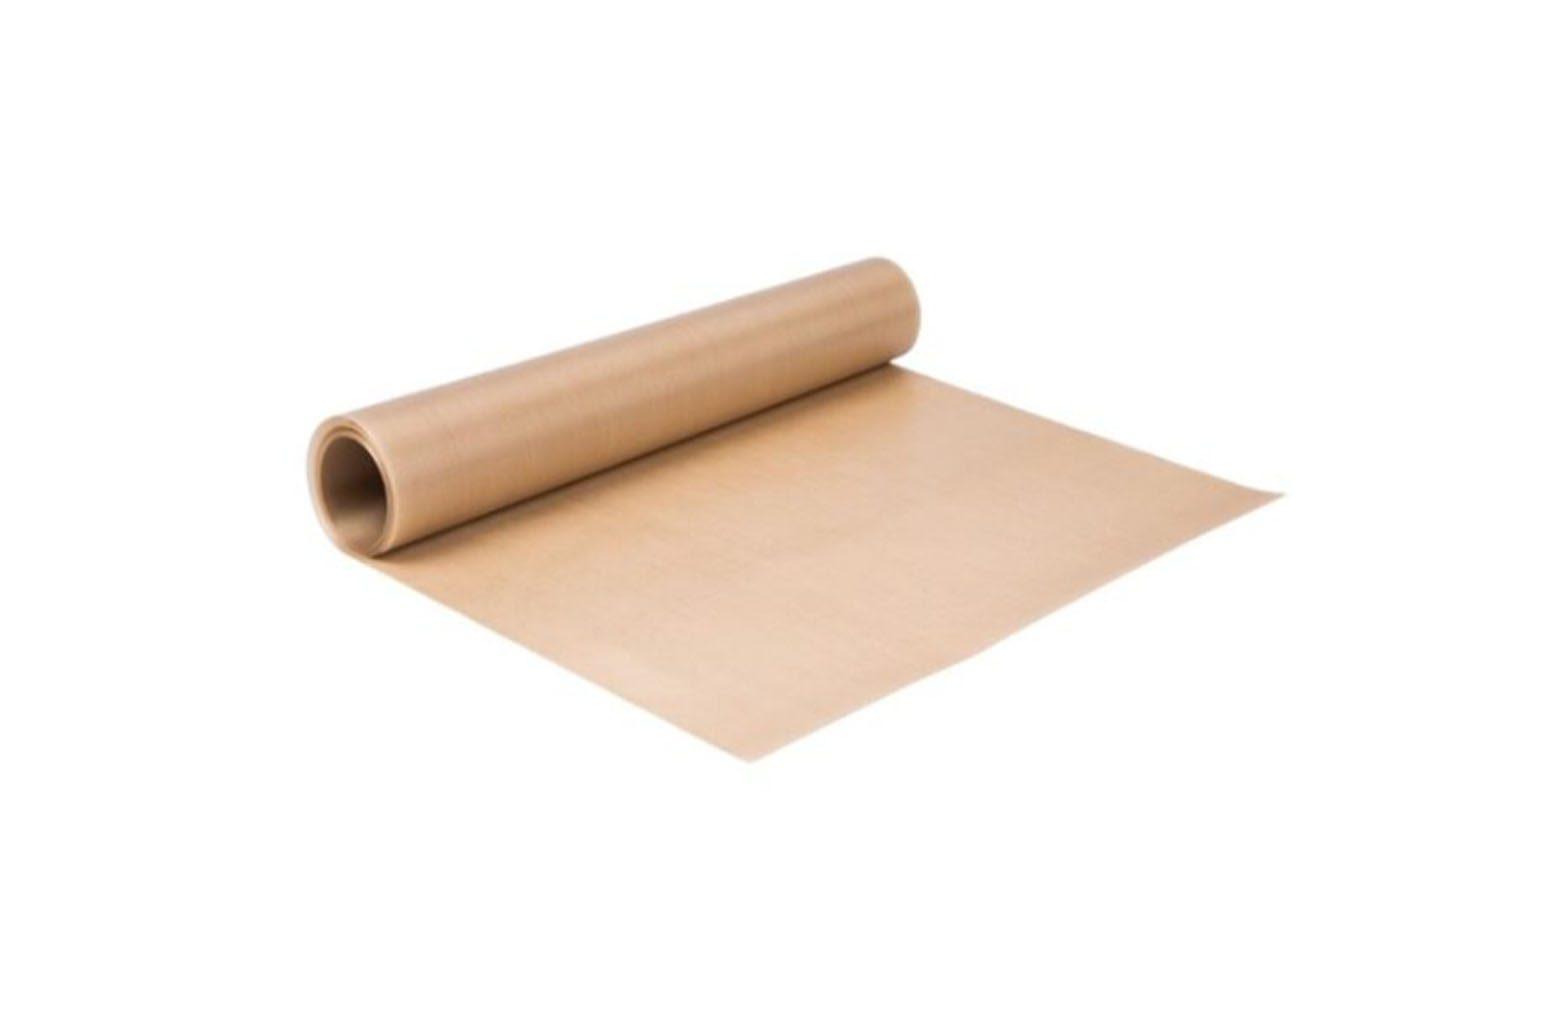 Bakpapier & antikleefmatten